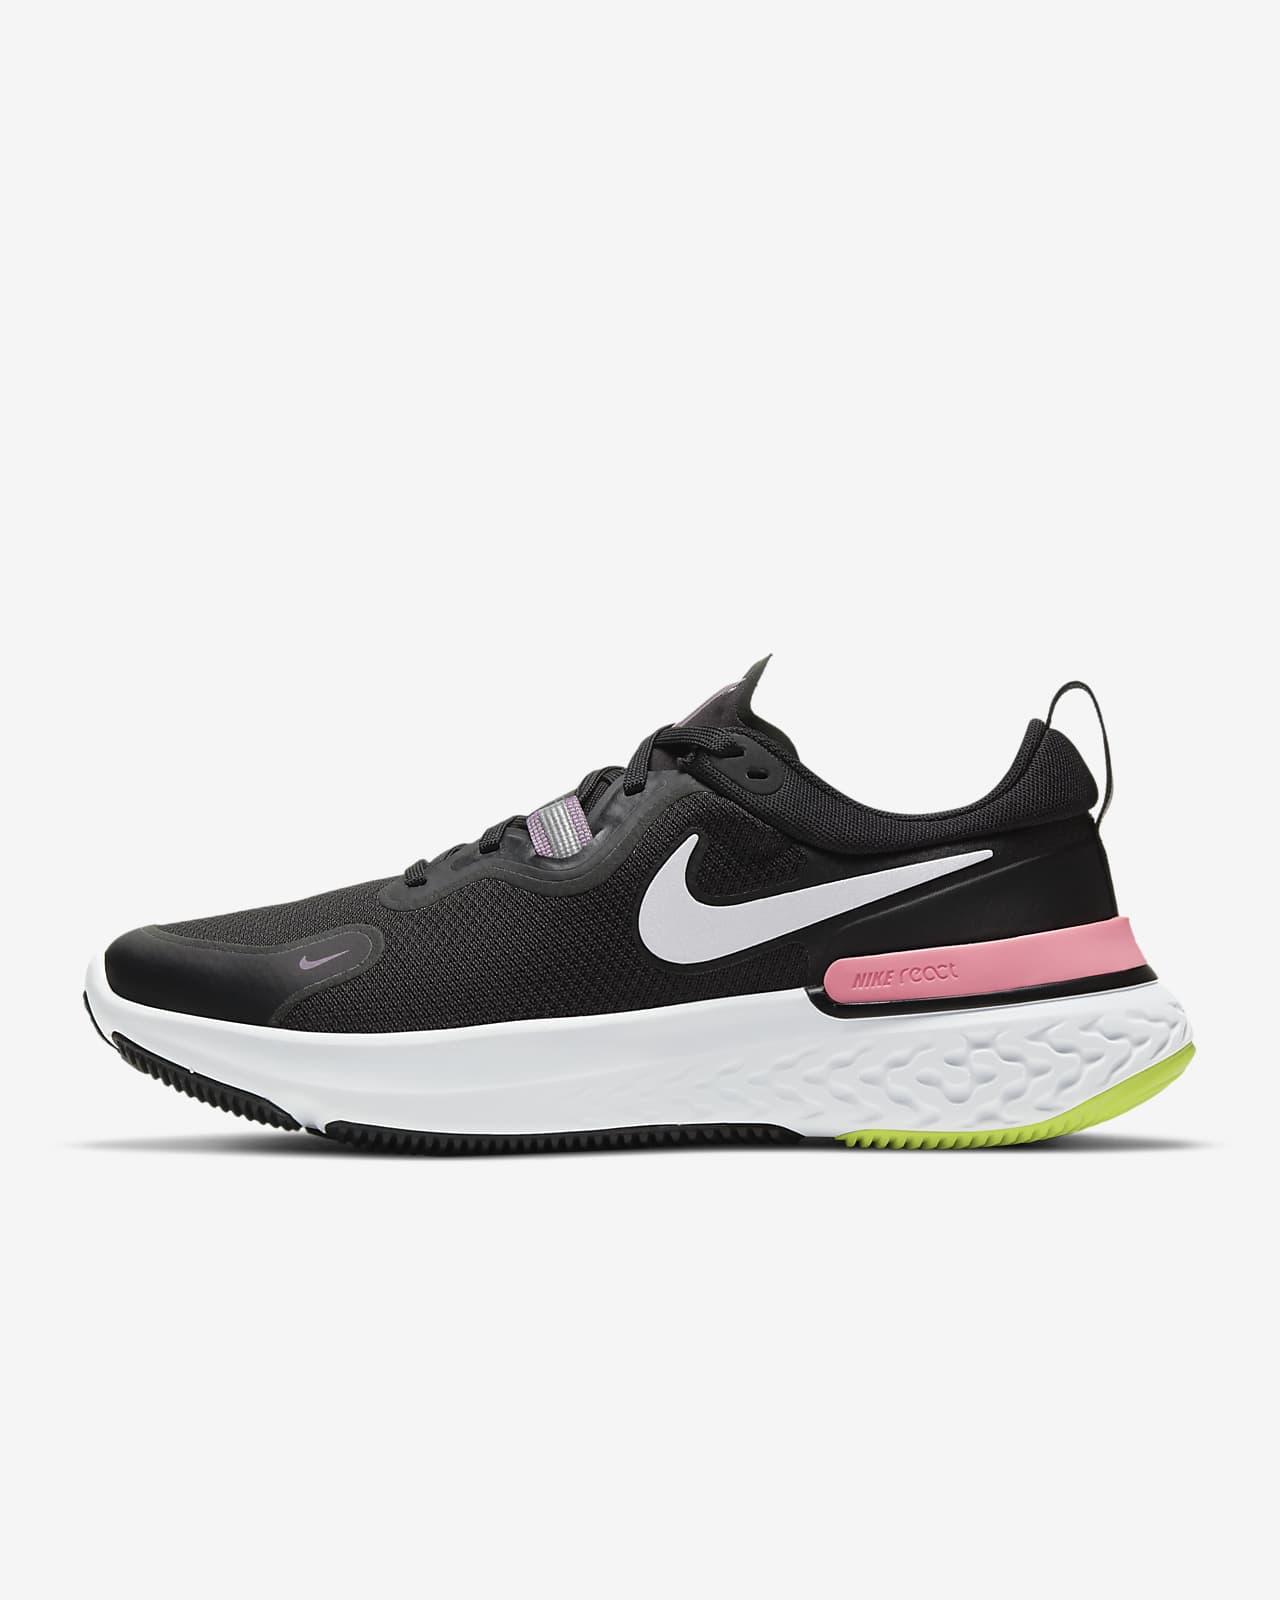 Nike React Miler Hardloopschoen voor dames